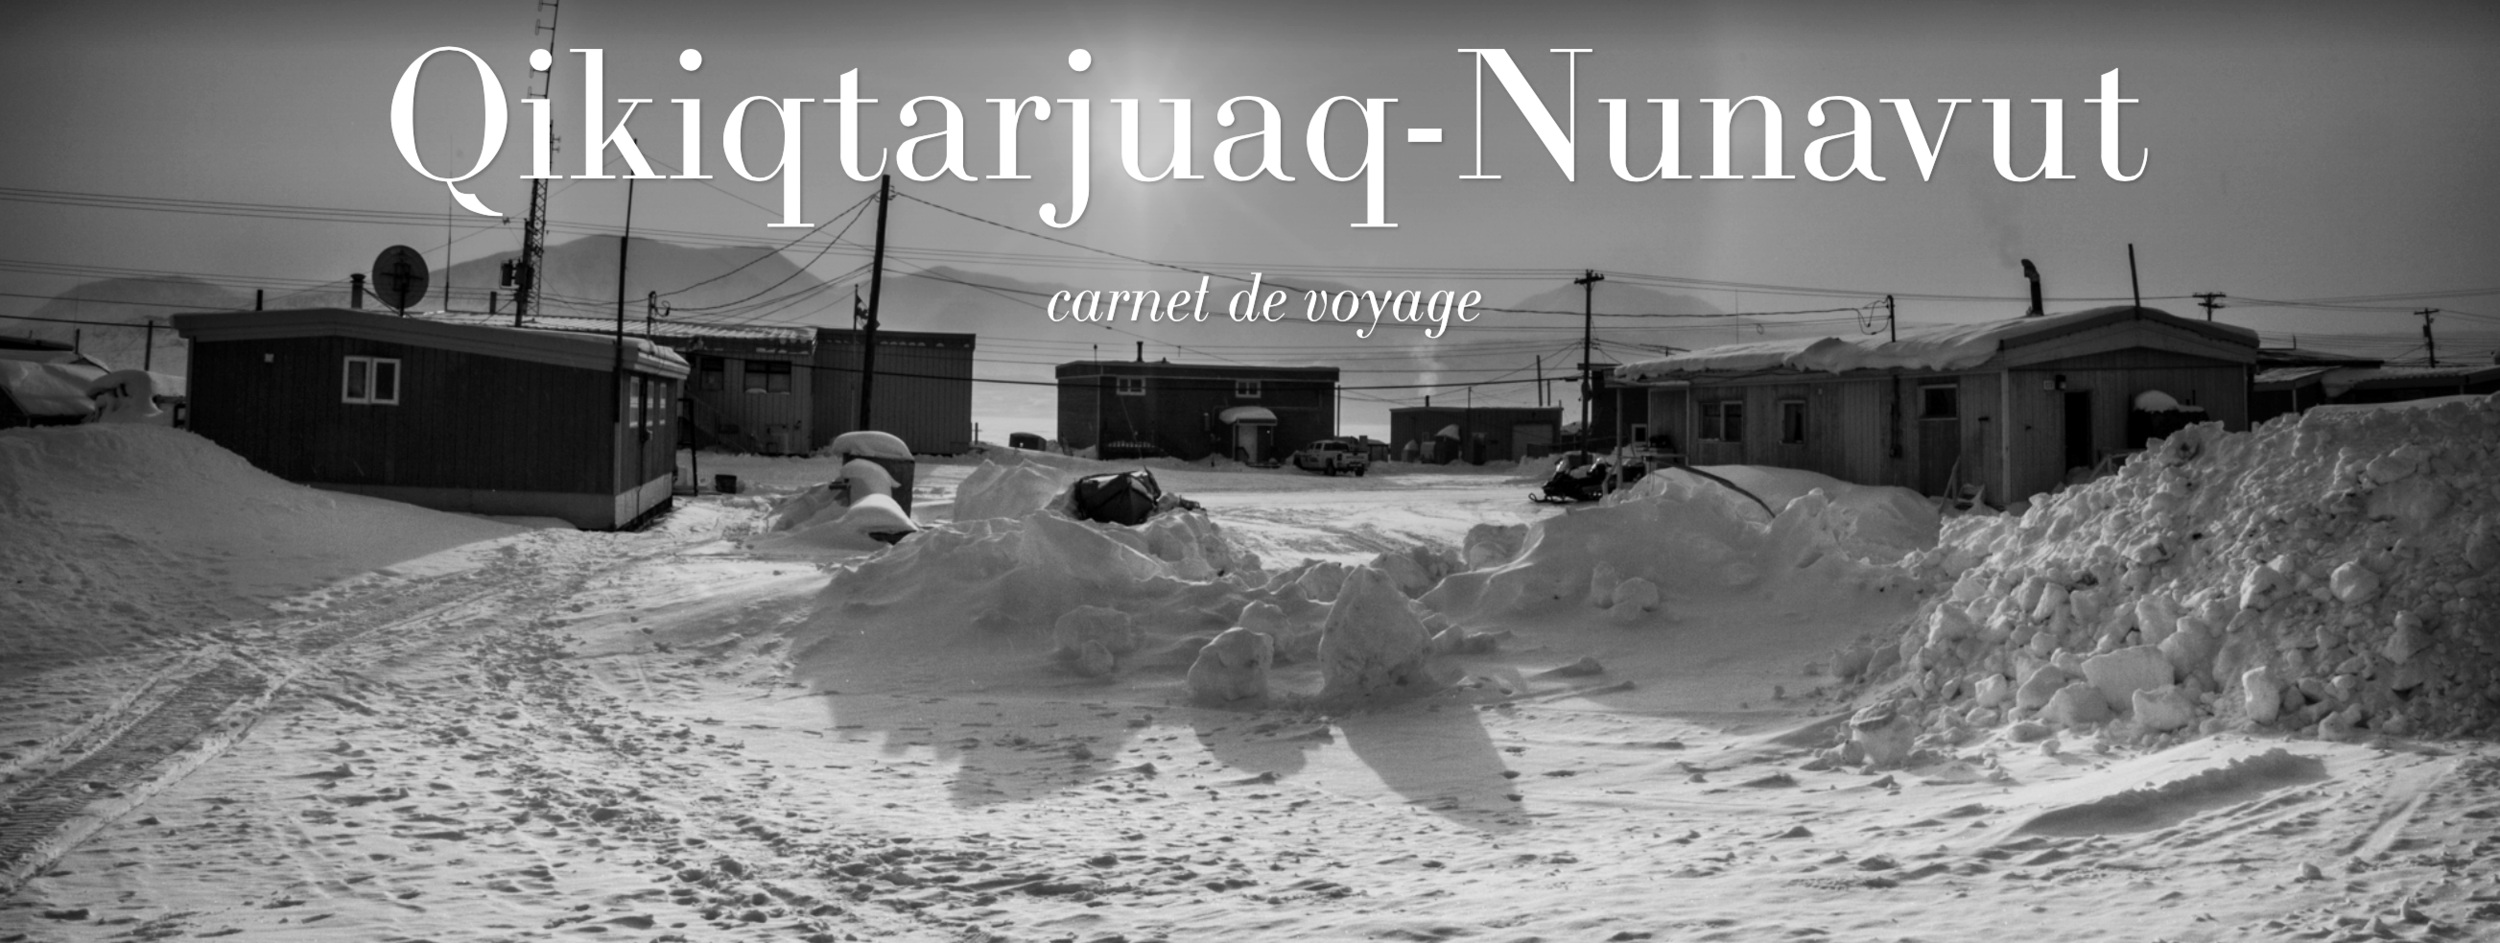 Pictures of Qikiqtarjuaq